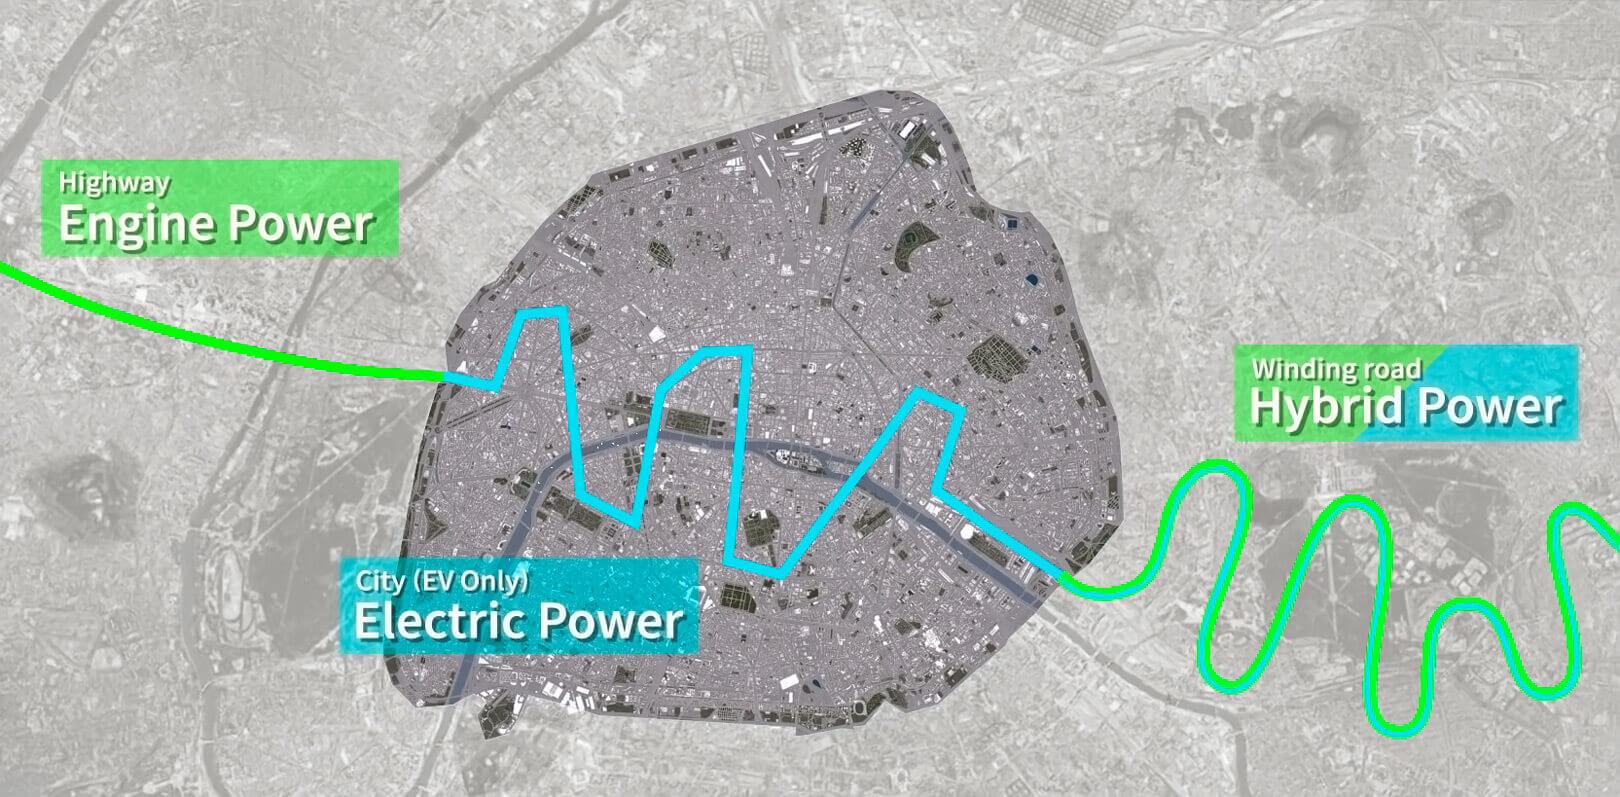 Лучшее из обоих миров: мотоциклисты могут доехать до города на бензине, а затем продолжить движение только на электричестве